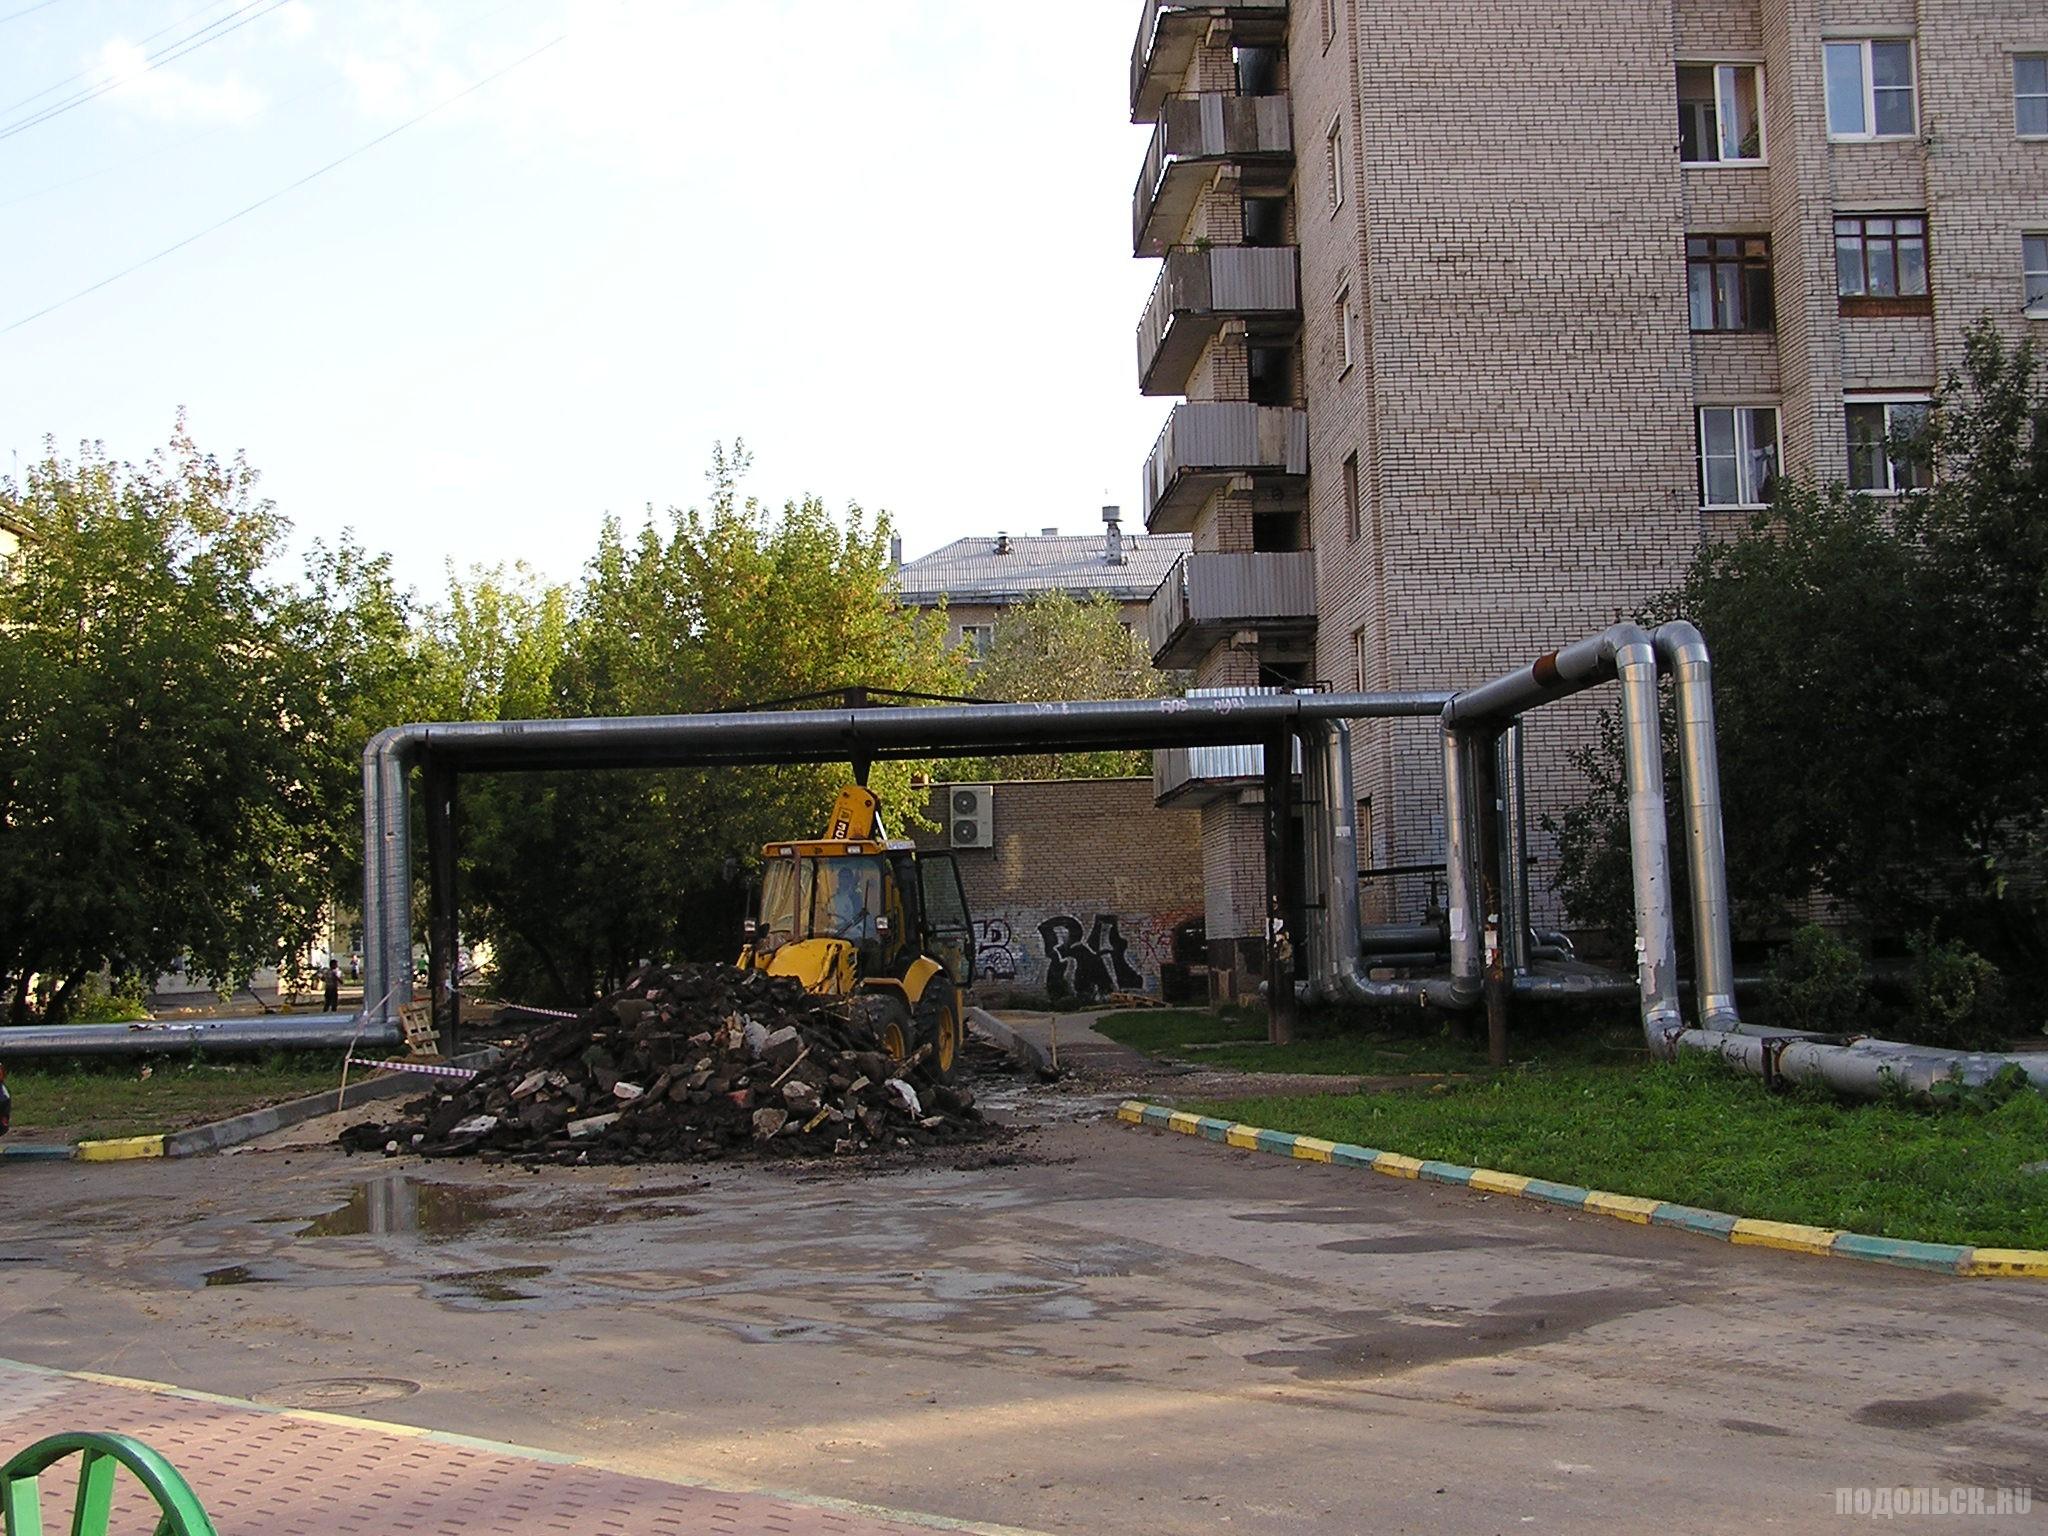 Прорыв водопровода при дорожных работах в Климовске. 29 августа 2016 г.